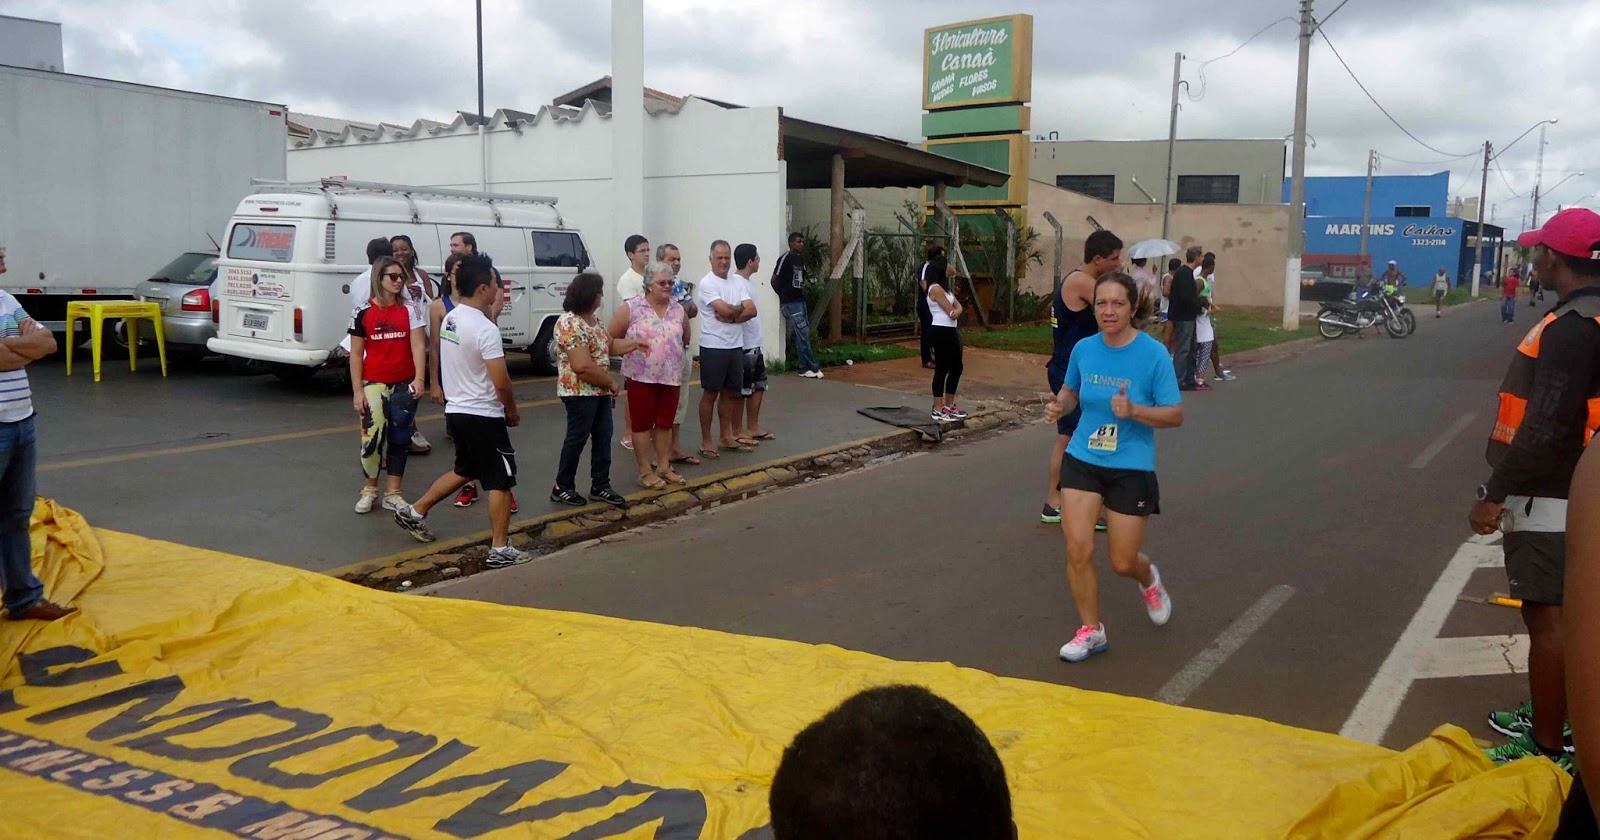 Foto 137 da 1ª Corrida Av. dos Coqueiros em Barretos-SP 14/04/2013 – Atletas cruzando a linha de chegada